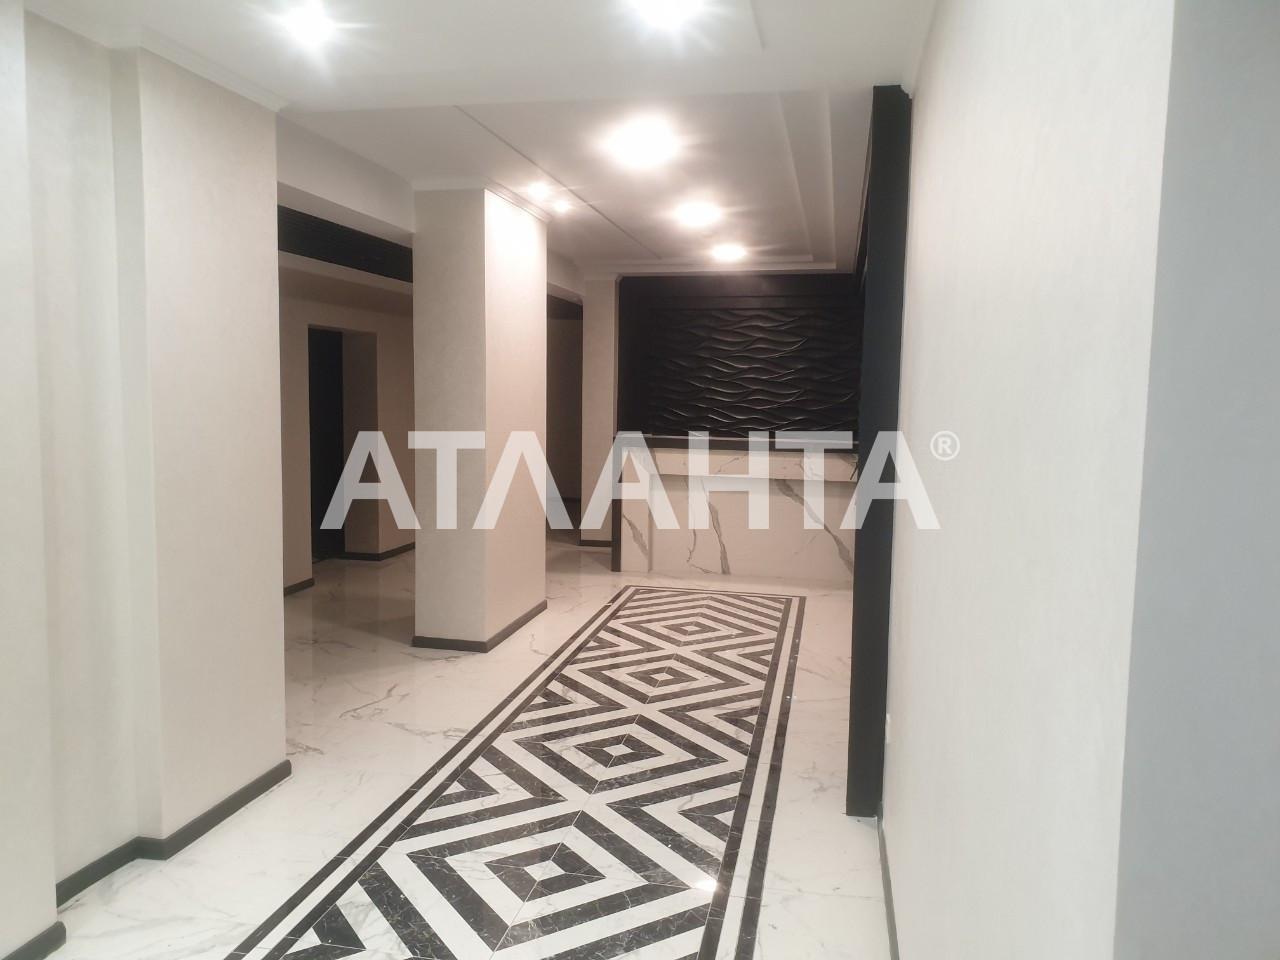 Продается 2-комнатная Квартира на ул. Марсельская — 45 000 у.е. (фото №12)